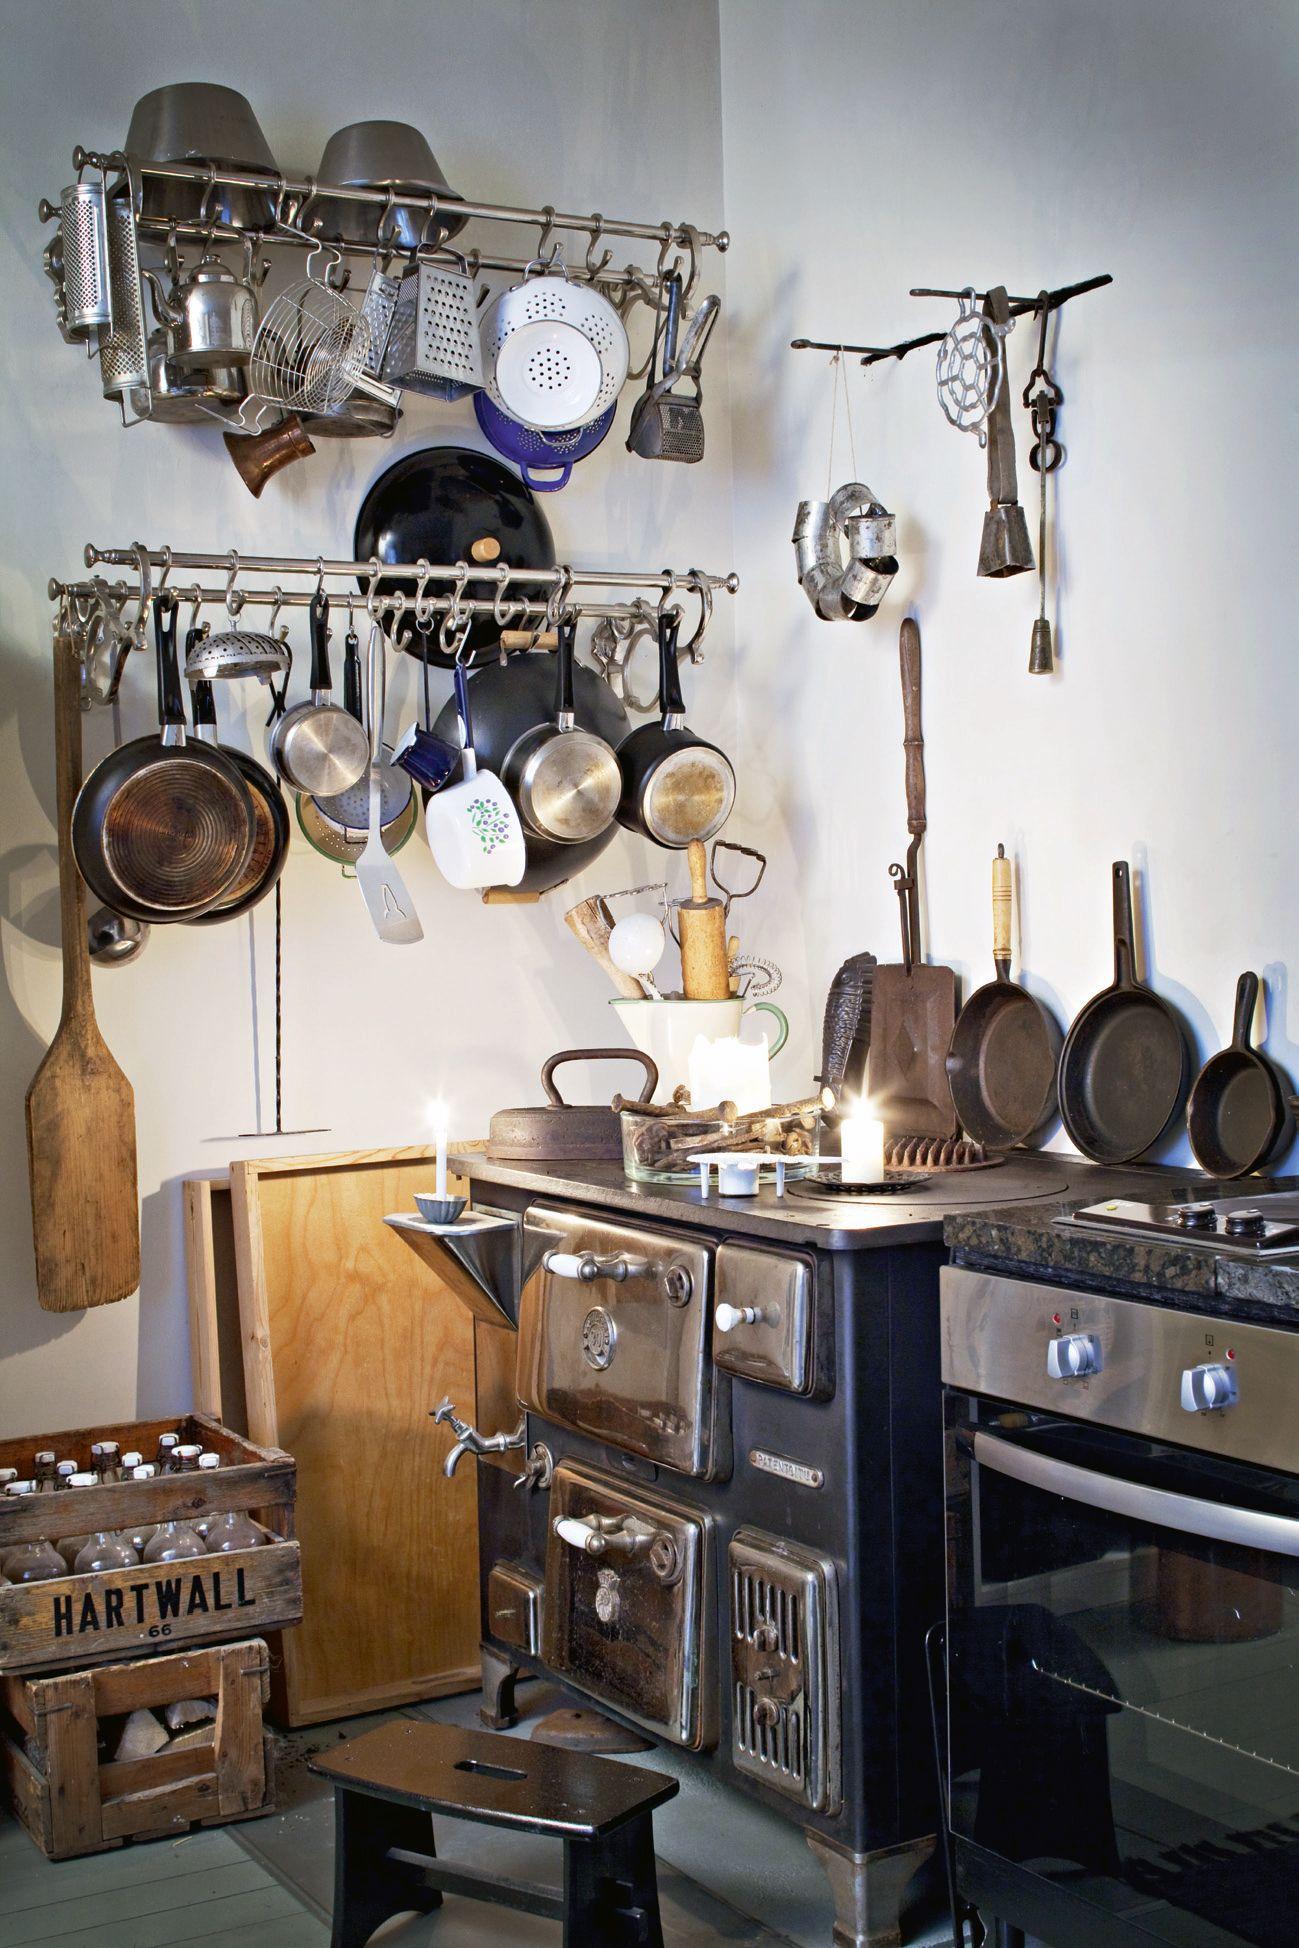 Lossilla kotiin | Koti ja keittiö